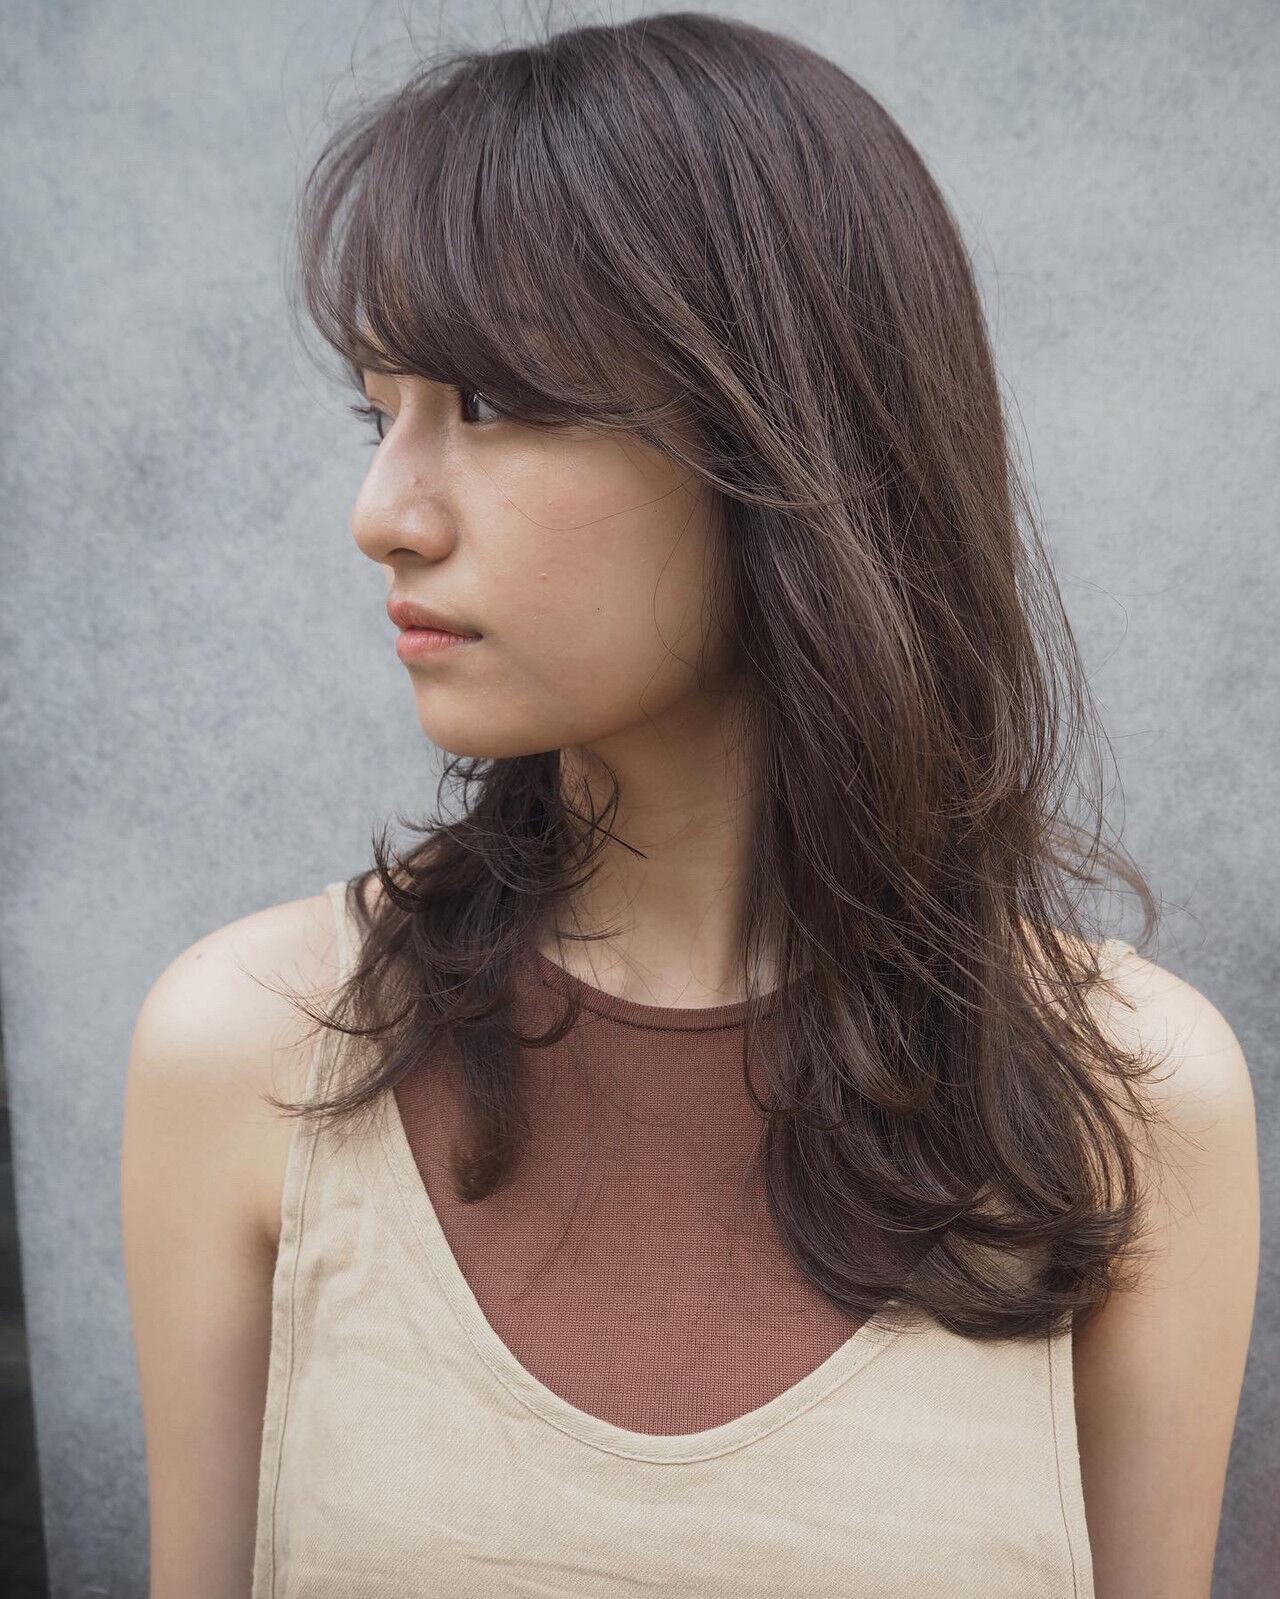 ナチュラル レイヤースタイル 3Dハイライト ロングヘアスタイルや髪型の写真・画像